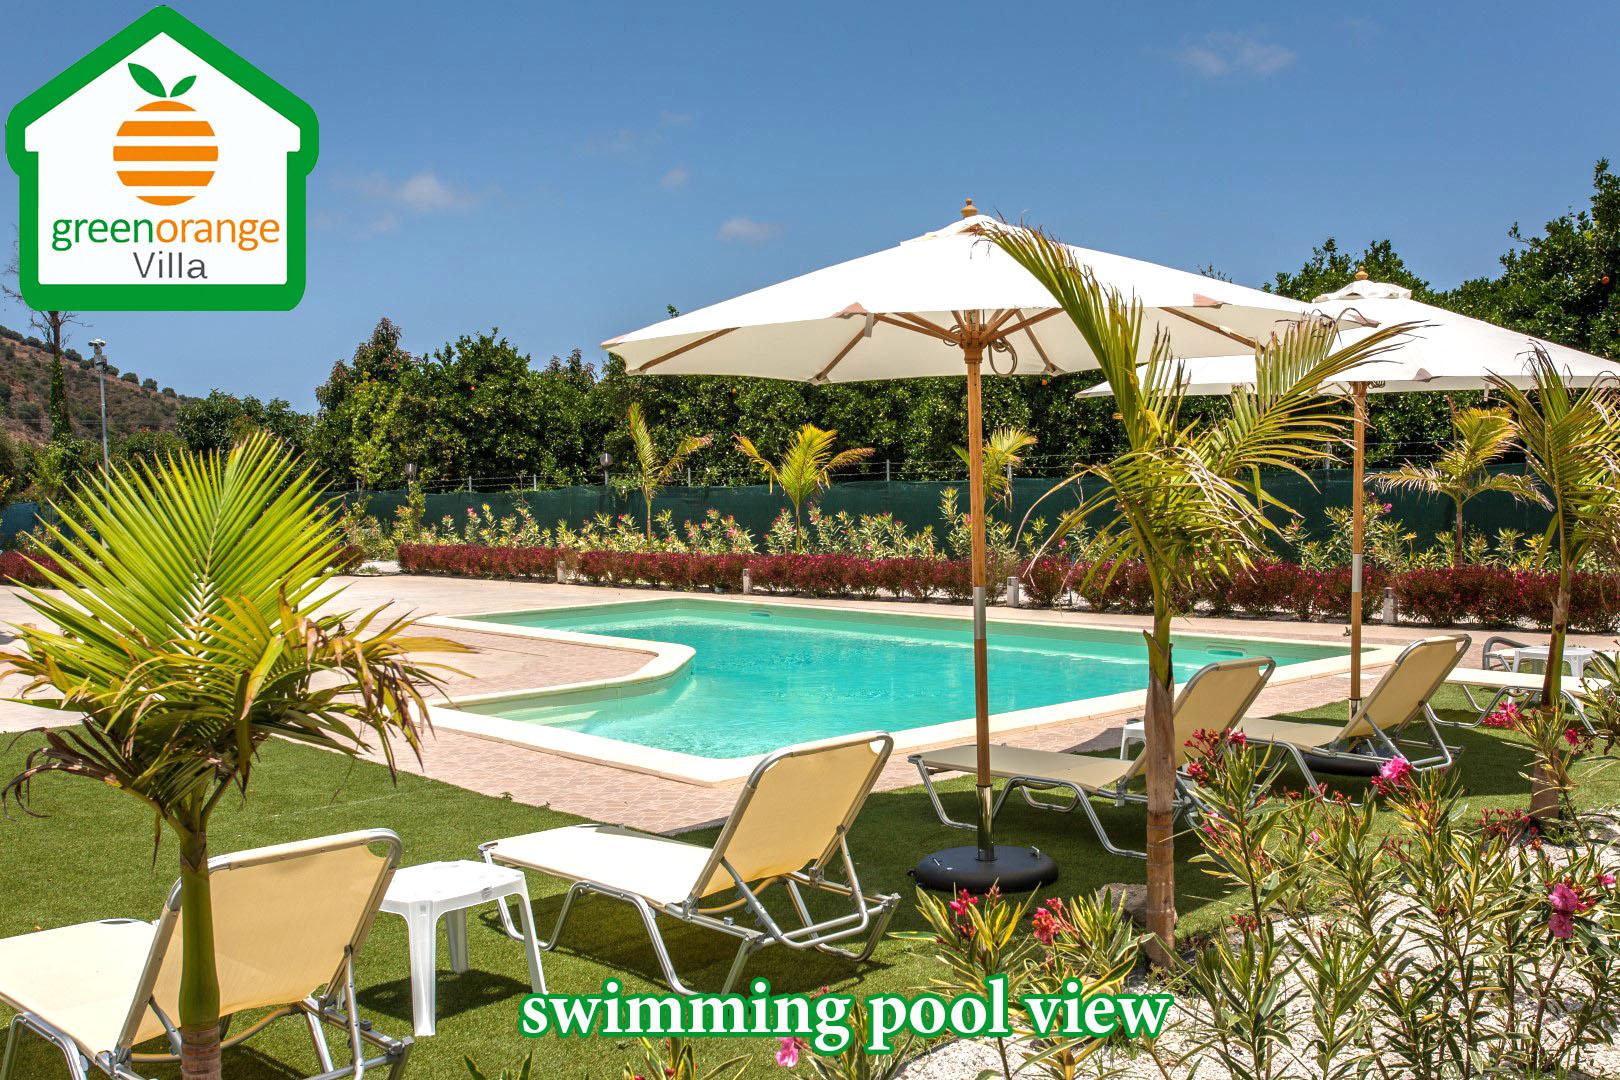 holiday home rental in Chania Crete Greece, Green orange villa farm